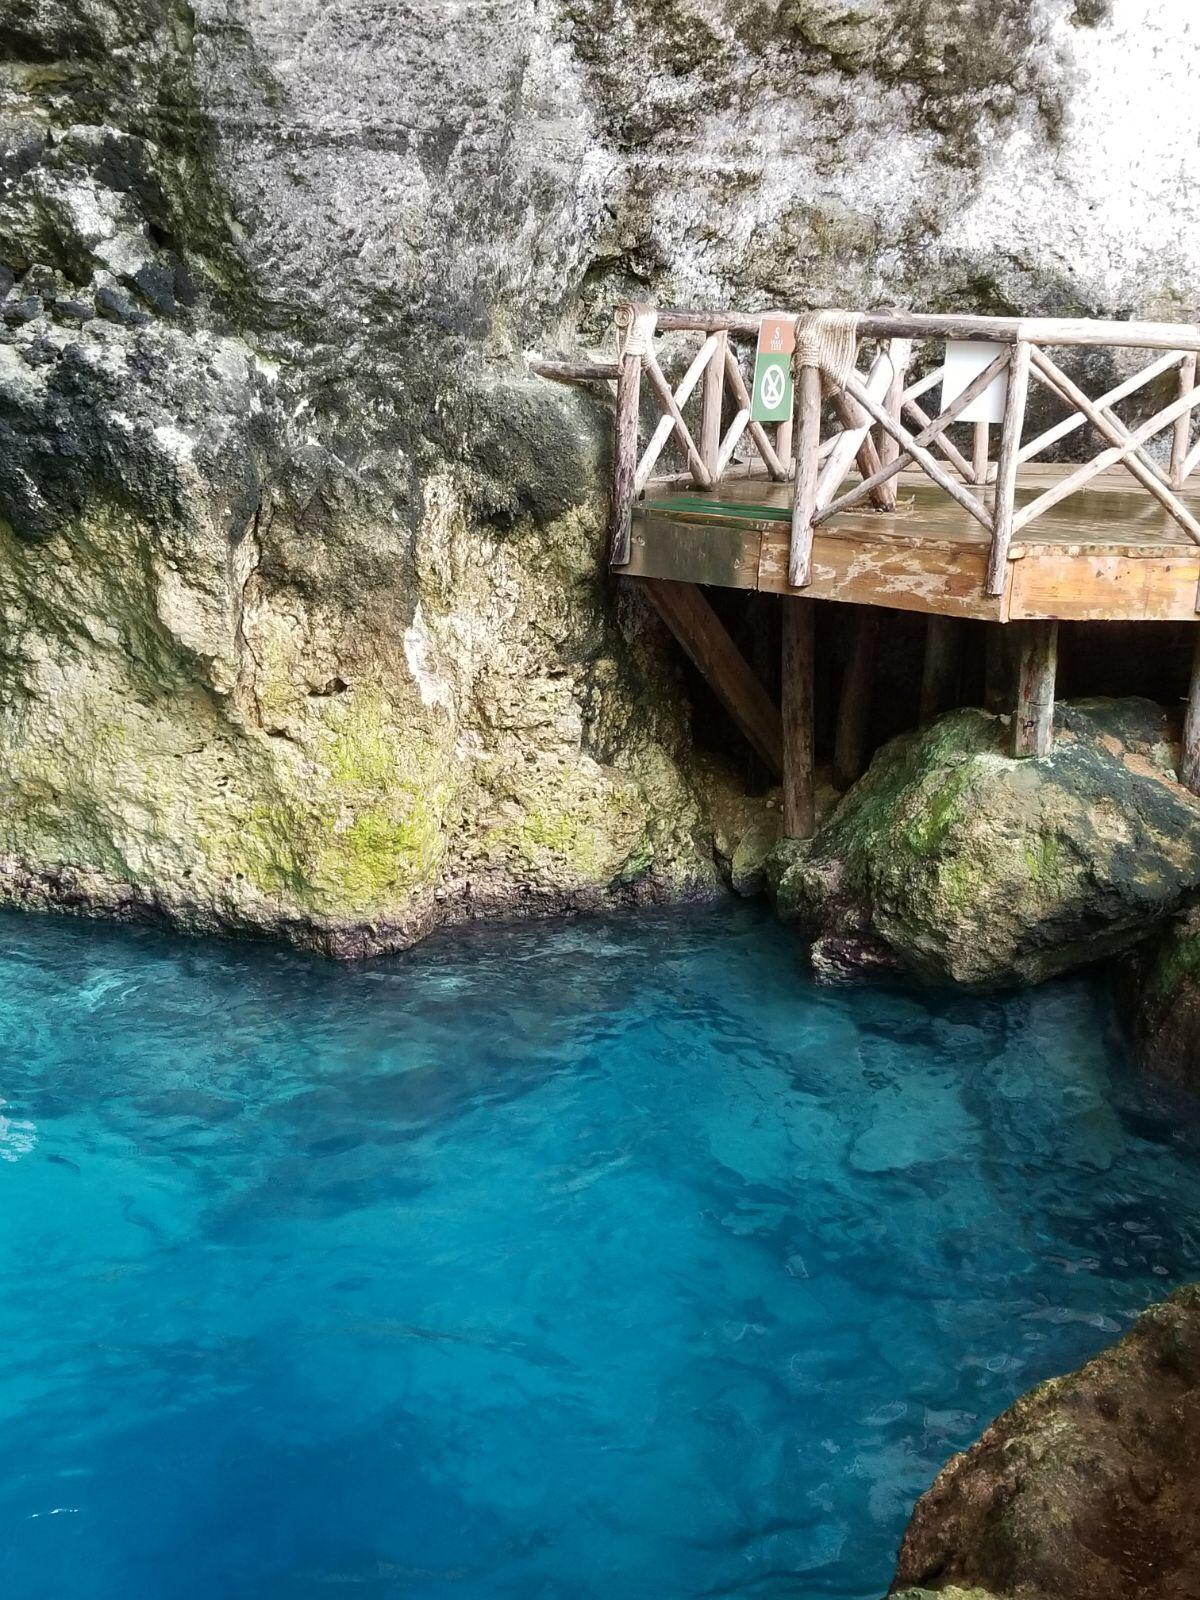 dominican republic scape park hoyo azul